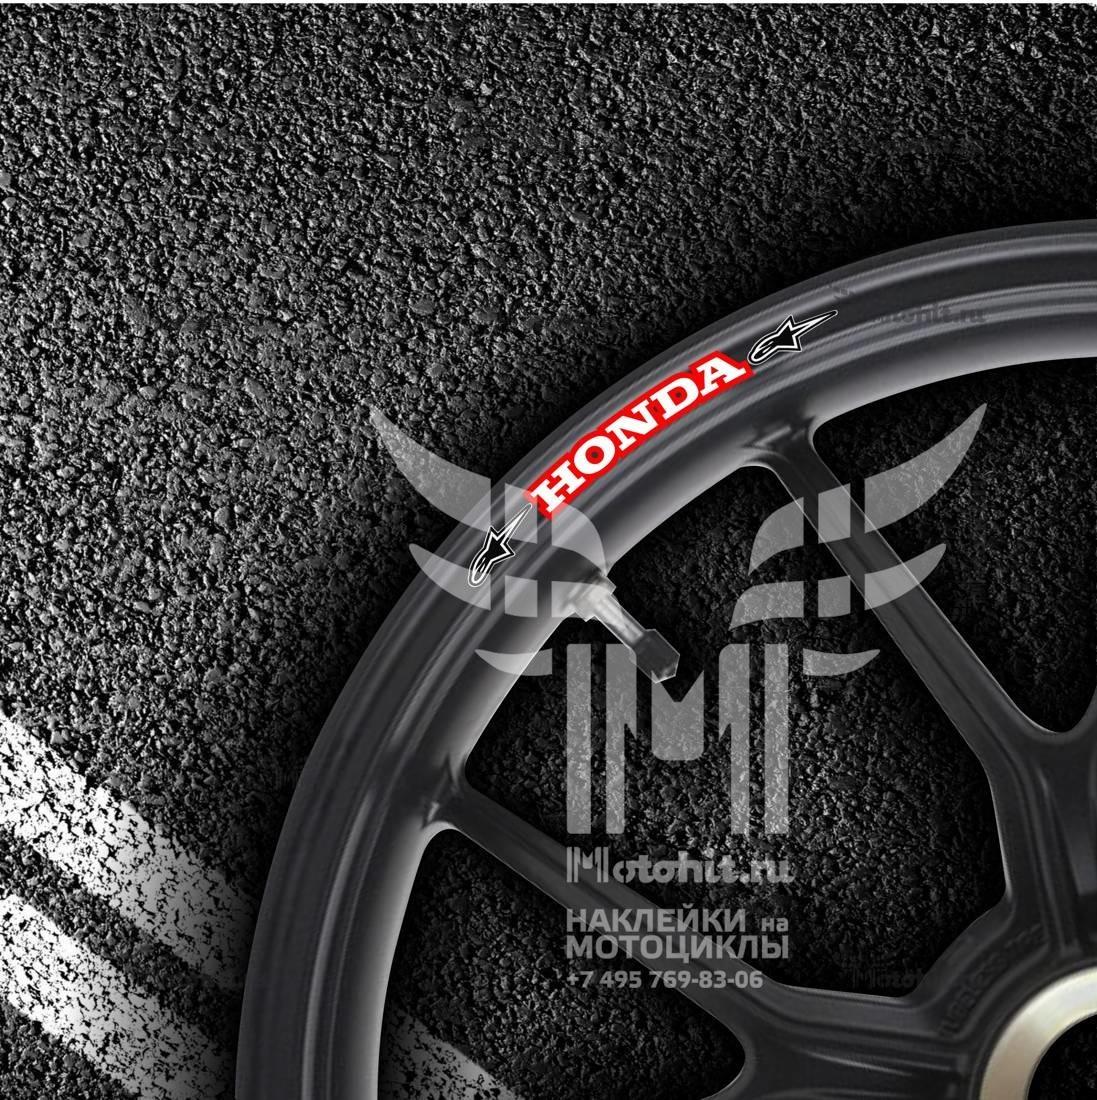 Комплект наклеек на обод колеса мотоцикла HONDA ALPINE